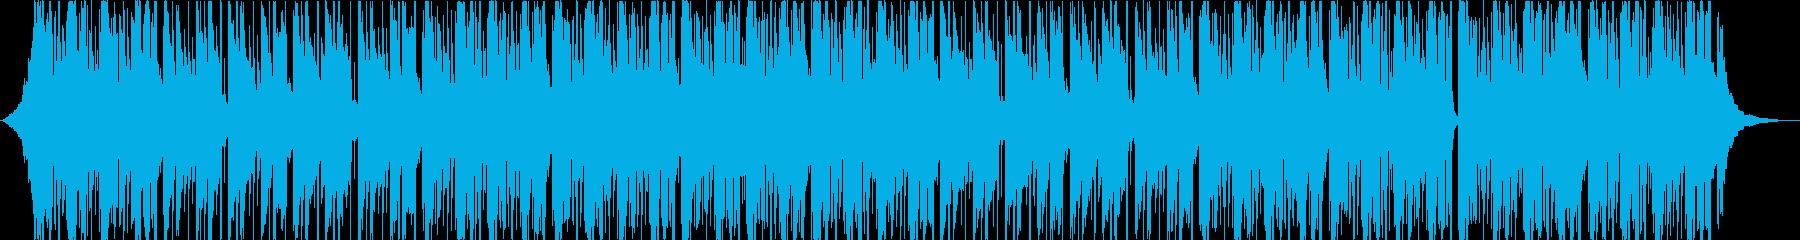 Chill おしゃれ・インタビューの再生済みの波形